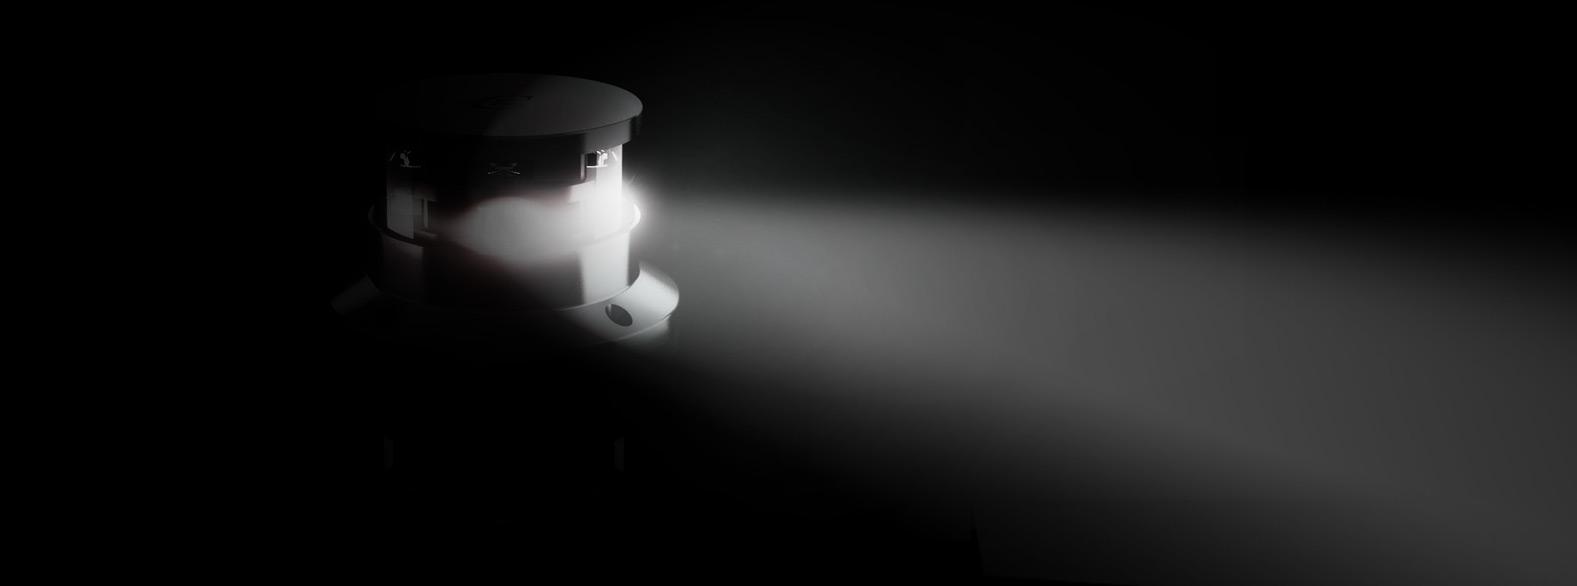 lednavigationlight